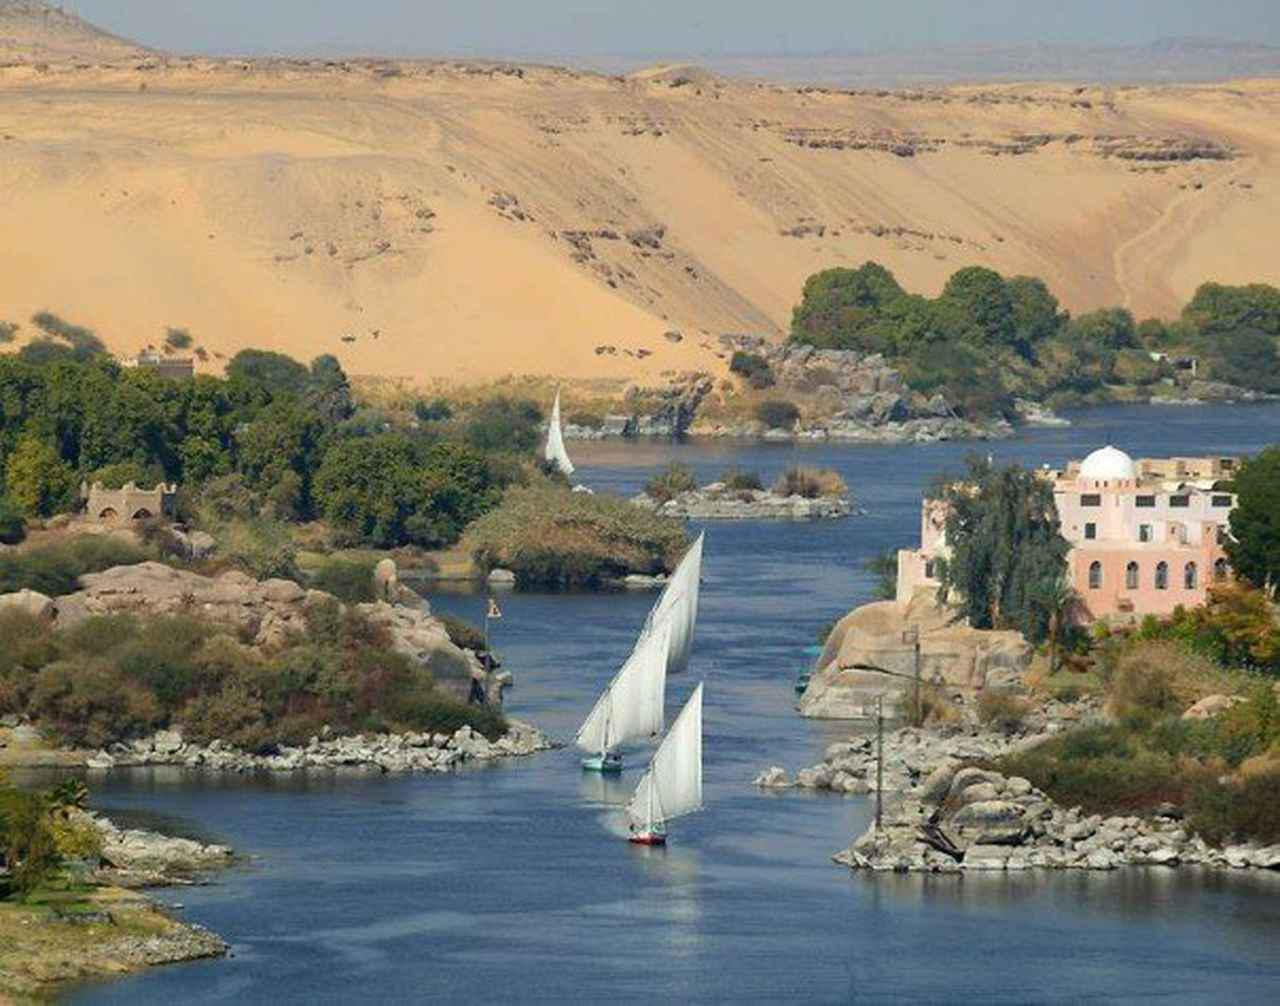 画像: 謎多きエジプト大解剖!<第2回>『エジプトを豊かにするナイル川』【好奇心で旅する海外】<歴史の時間> - クラブログ ~スタッフブログ~|クラブツーリズム